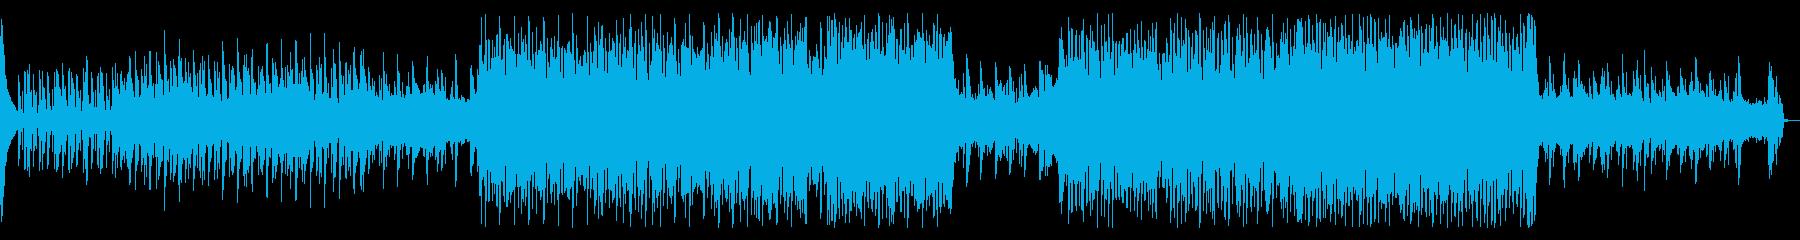 シンプルなポップテクノの再生済みの波形